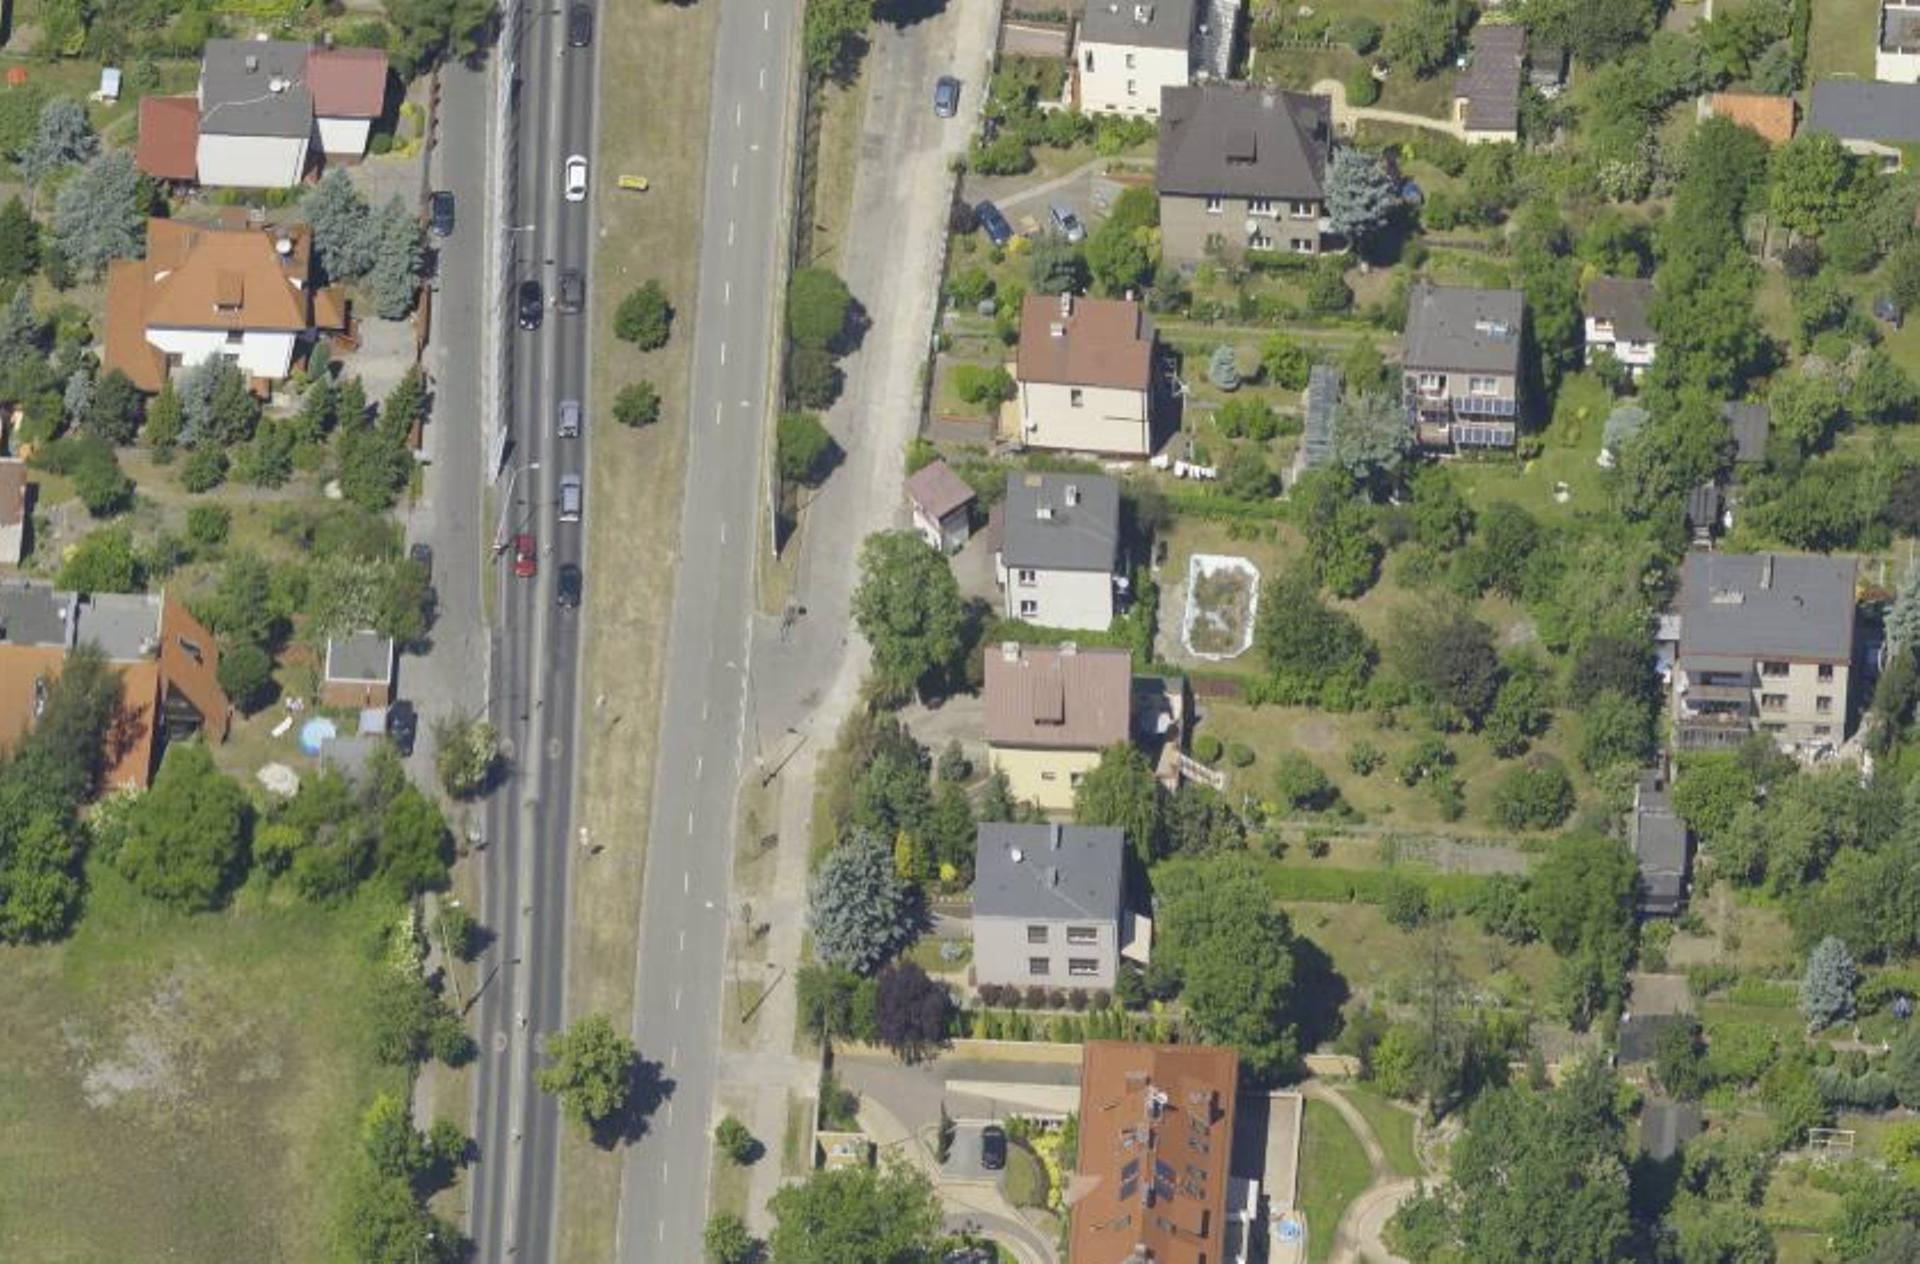 Wrocław: W miejsce domu na Zaciszu ma stanąć willa miejska